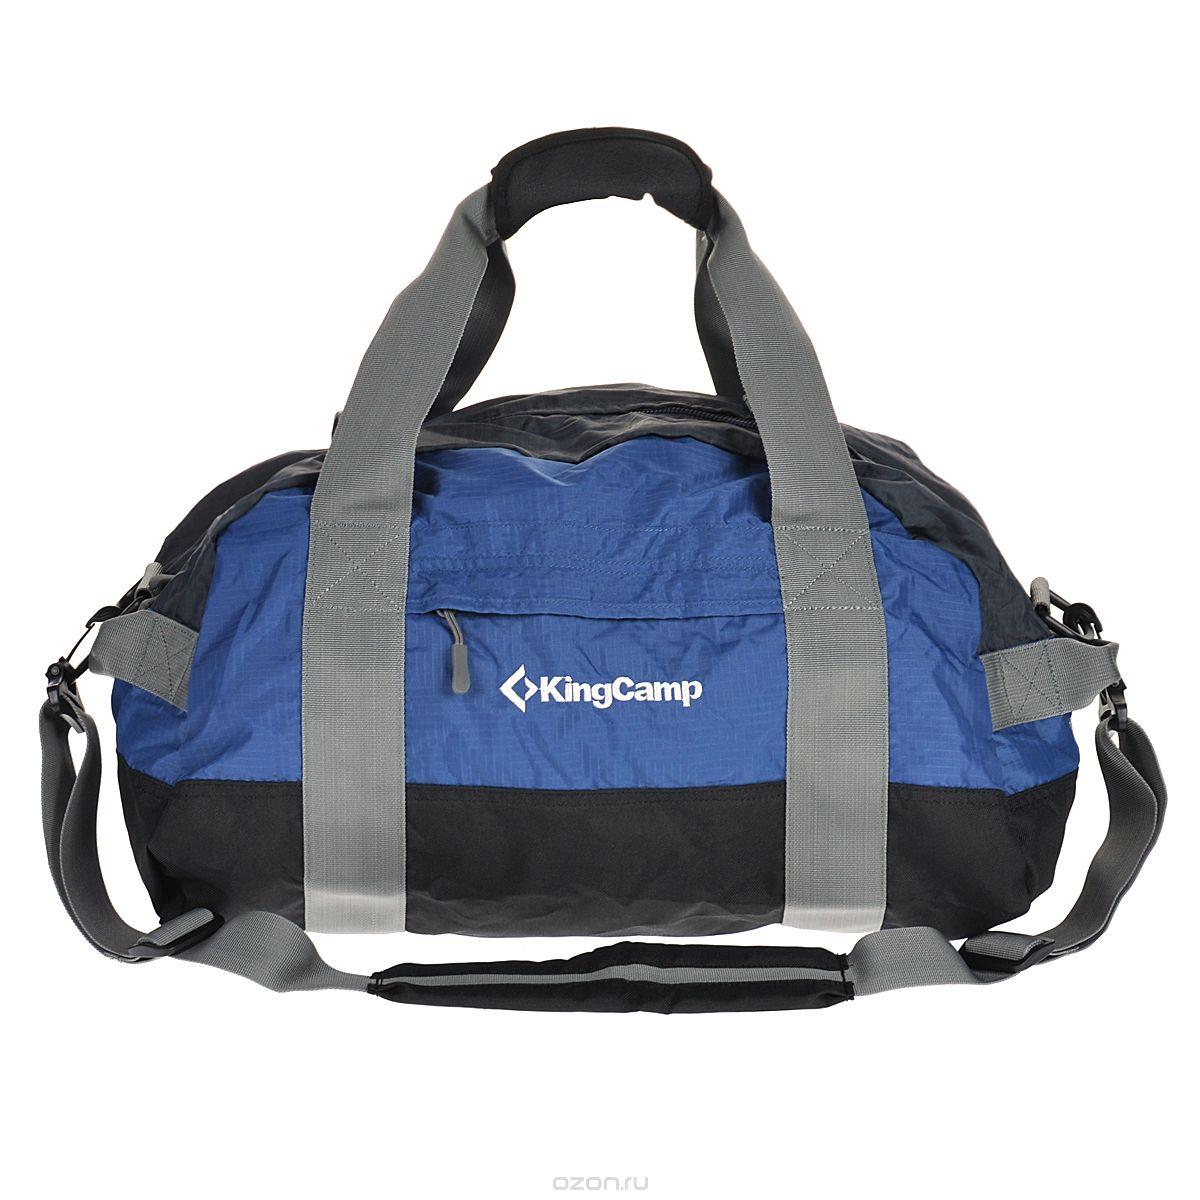 Сумка-баул KingCamp Airporter, цвет: синий, объем 120 л kingcamp 4291 airporter